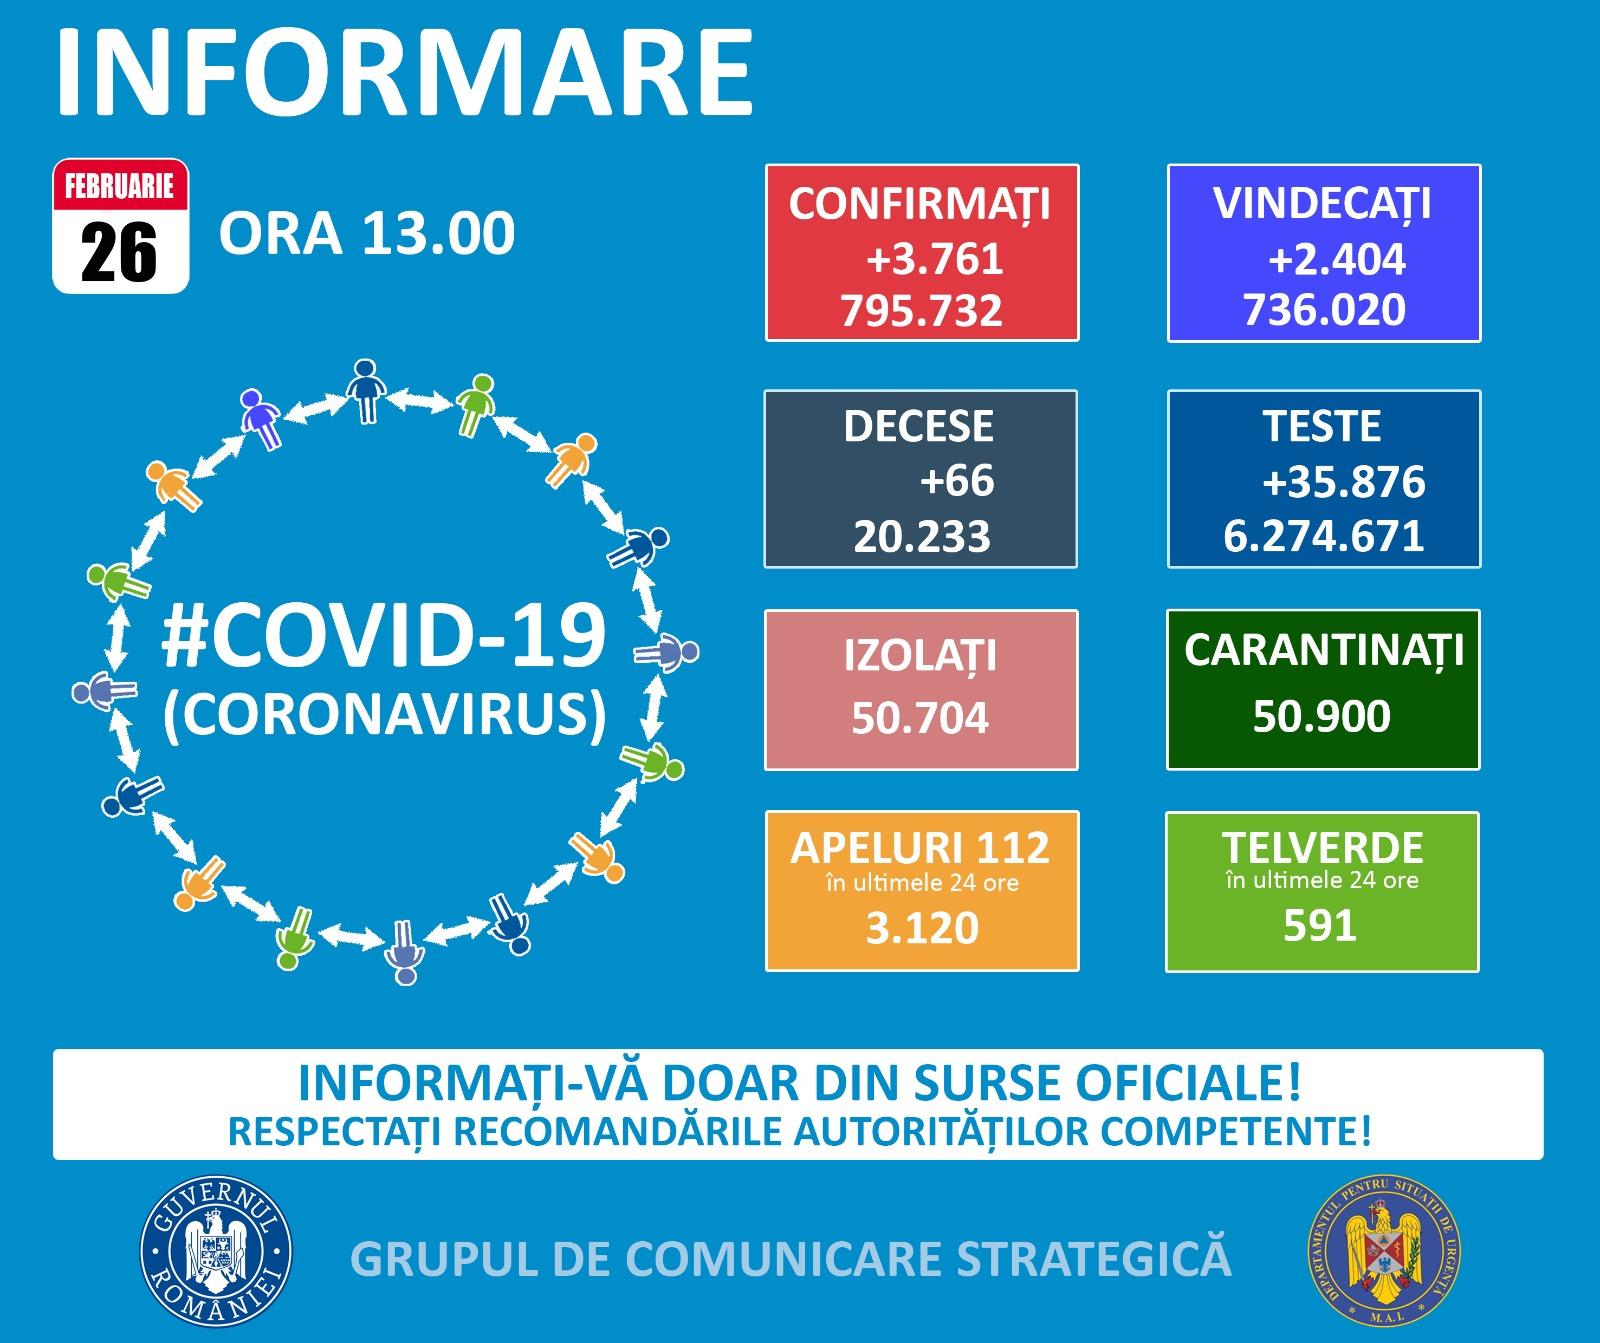 Informare COVID-19 26.02.2021